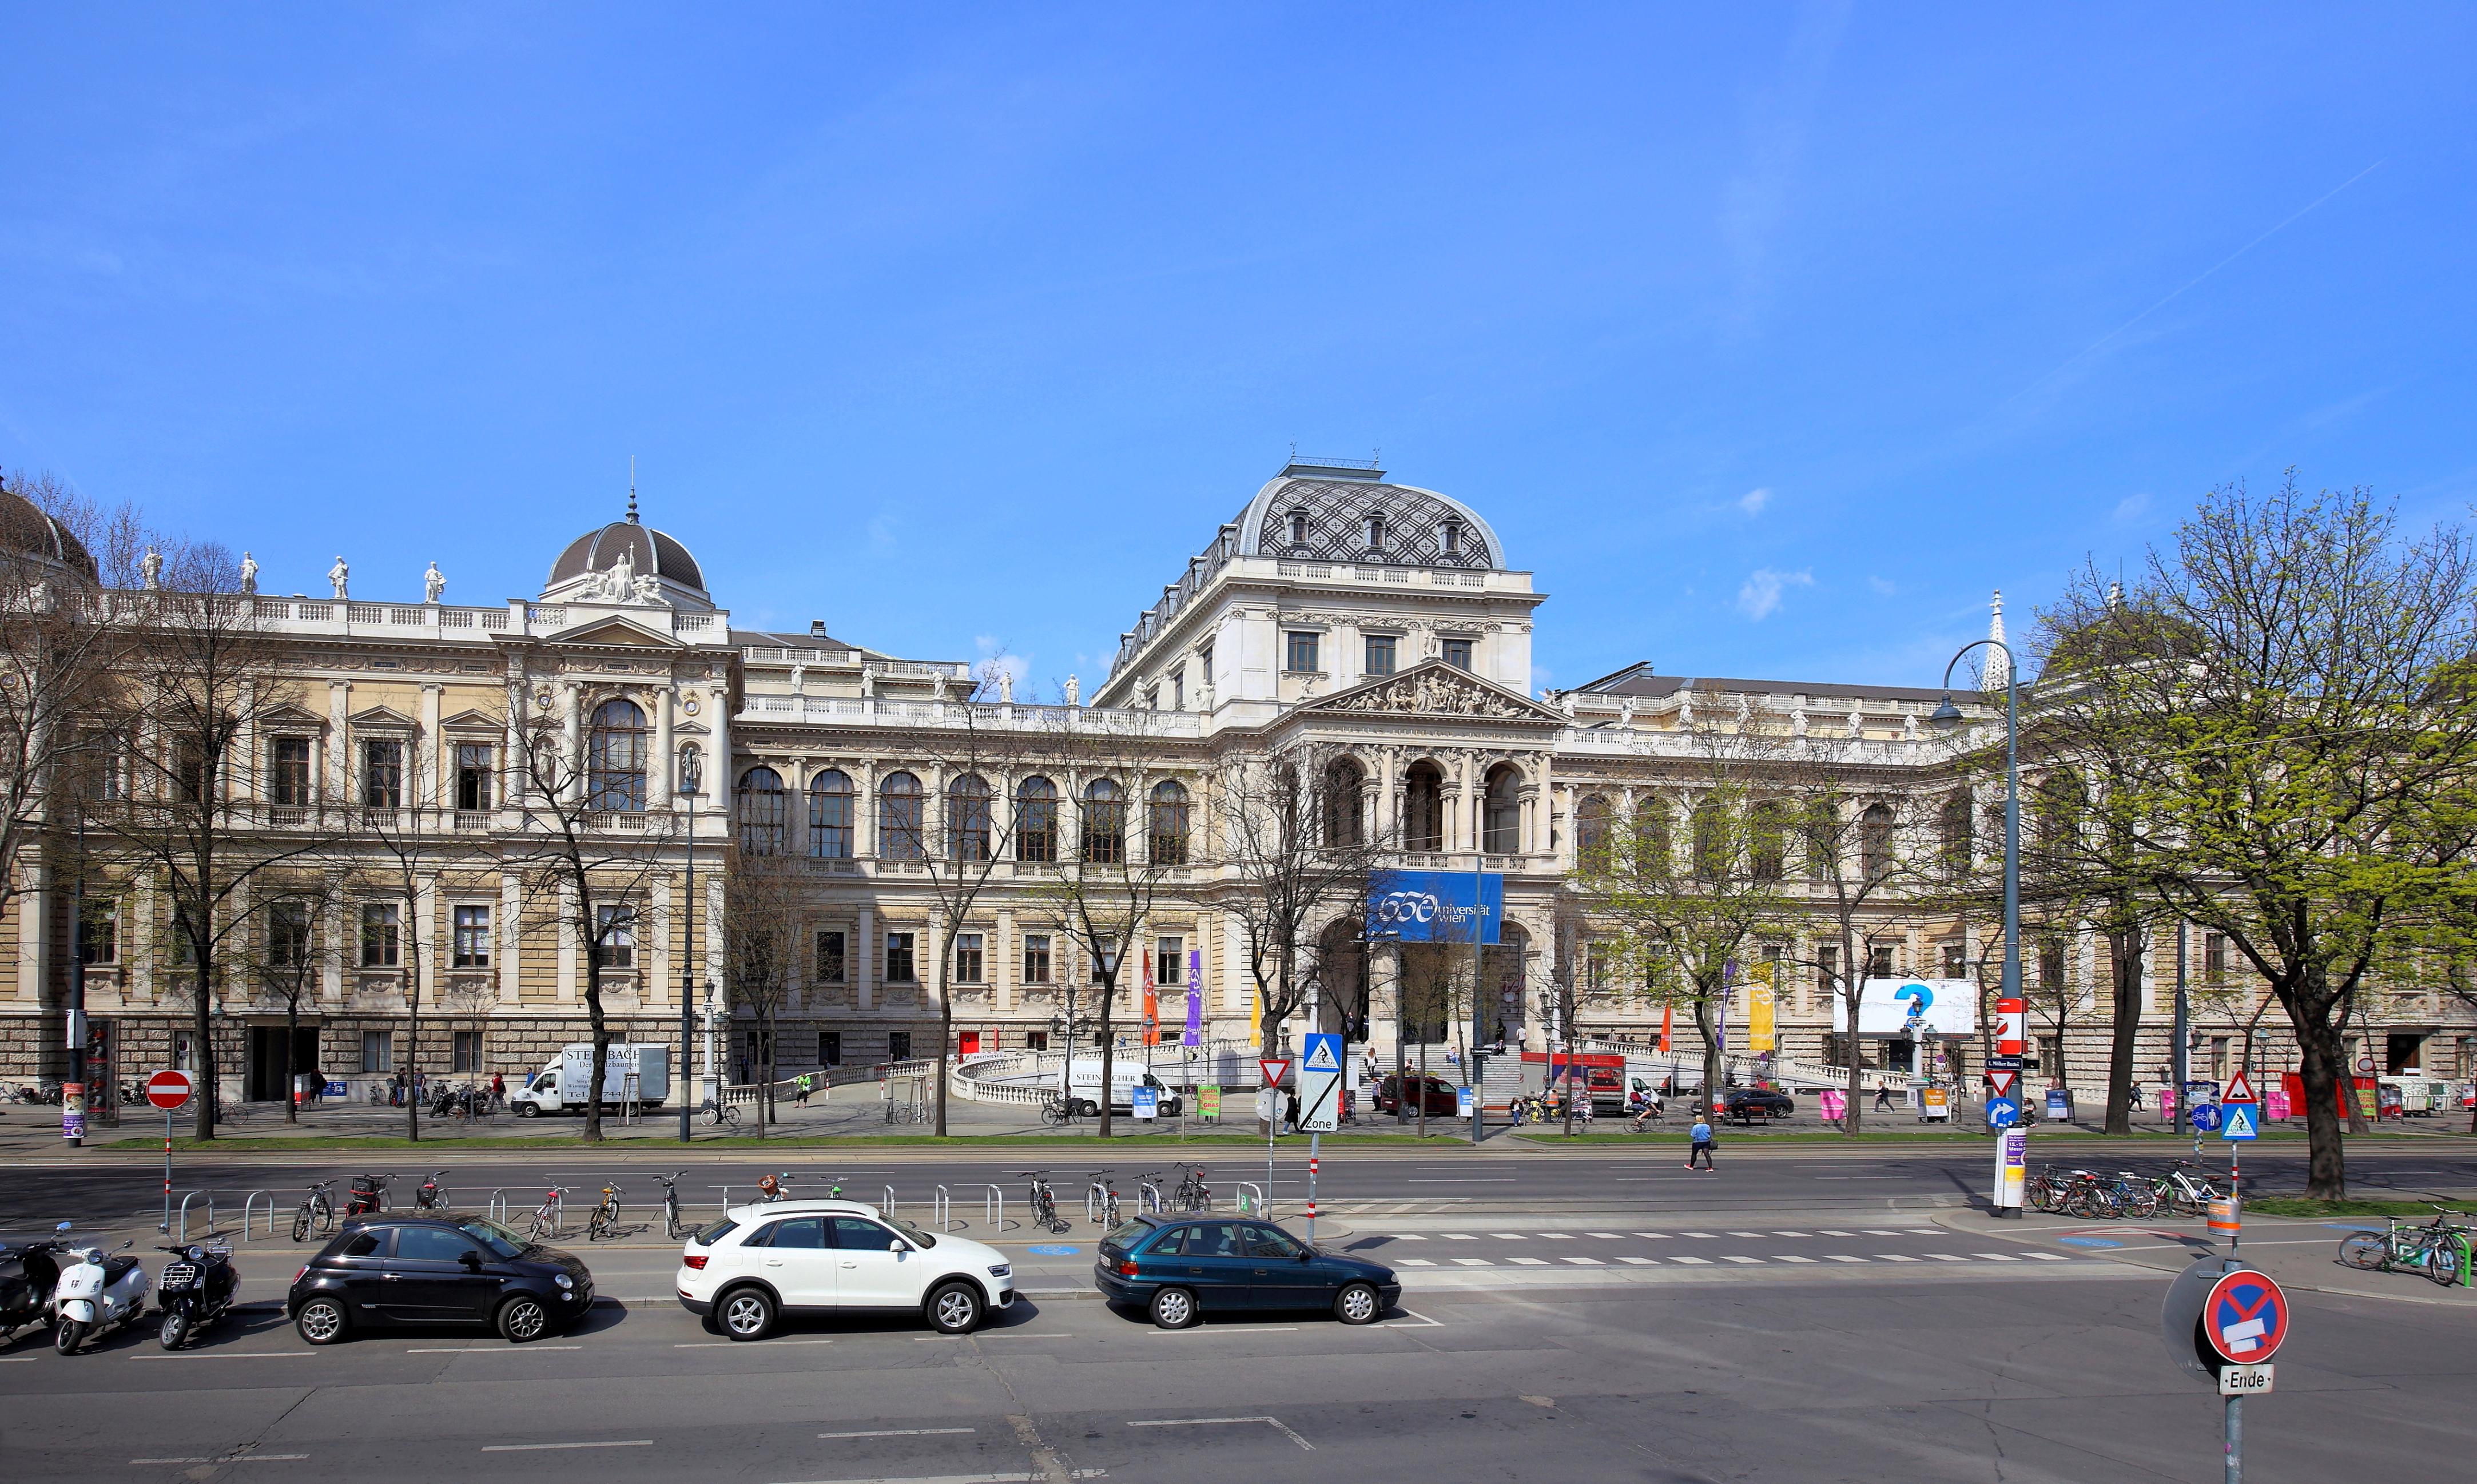 File:Wien - Universität (3).JPG - Wikimedia Commons